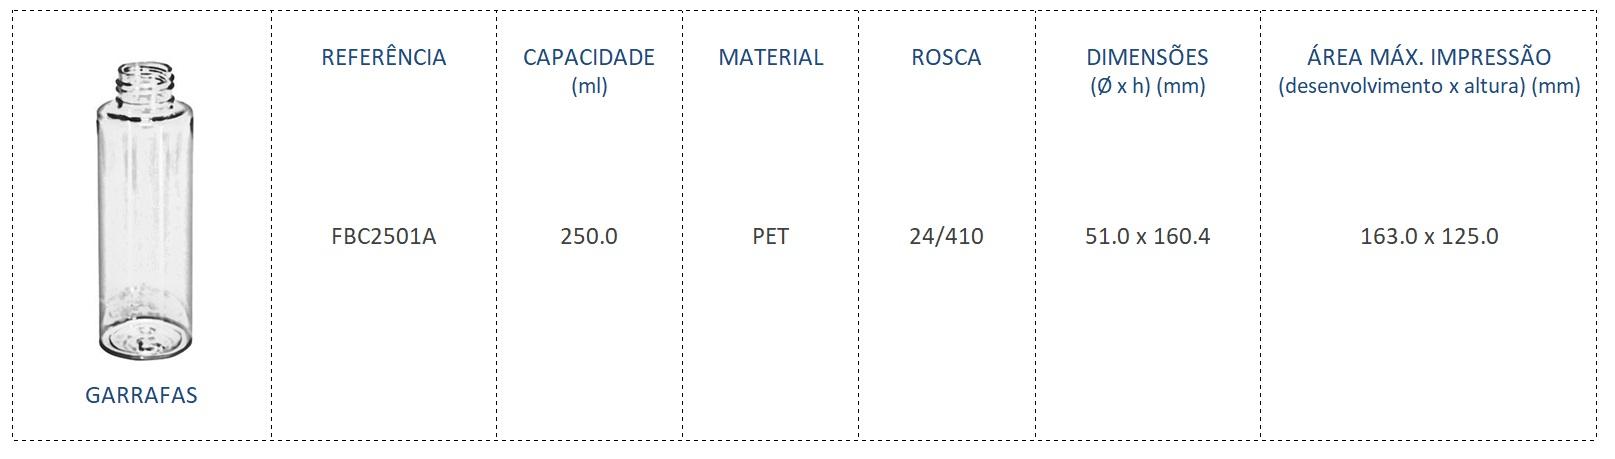 Garrafa PET 250ml FBC2501A 24/410